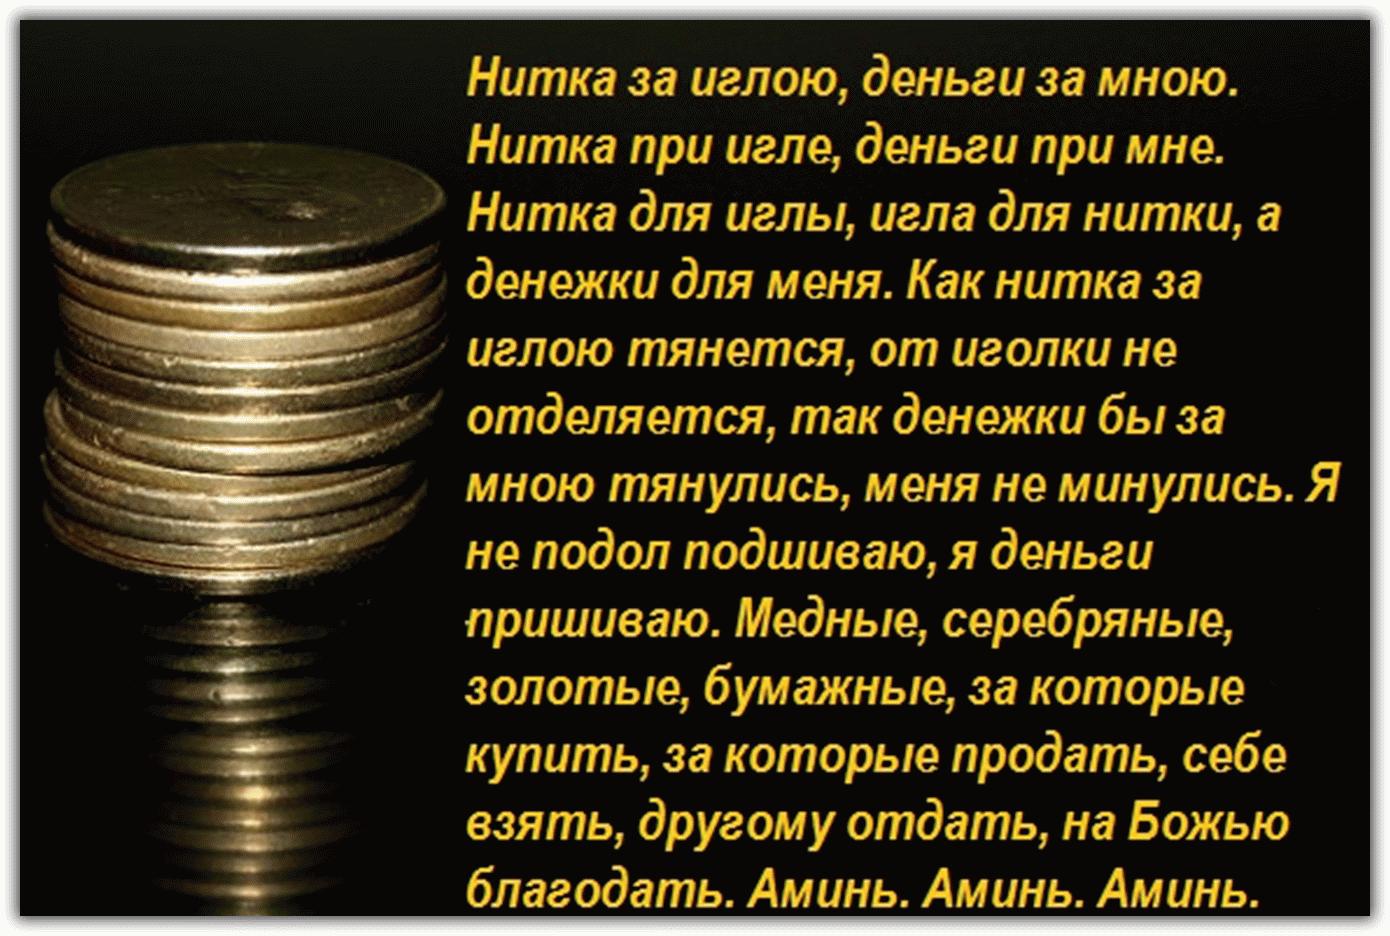 Заговор на удачу и деньги, читать в домашних